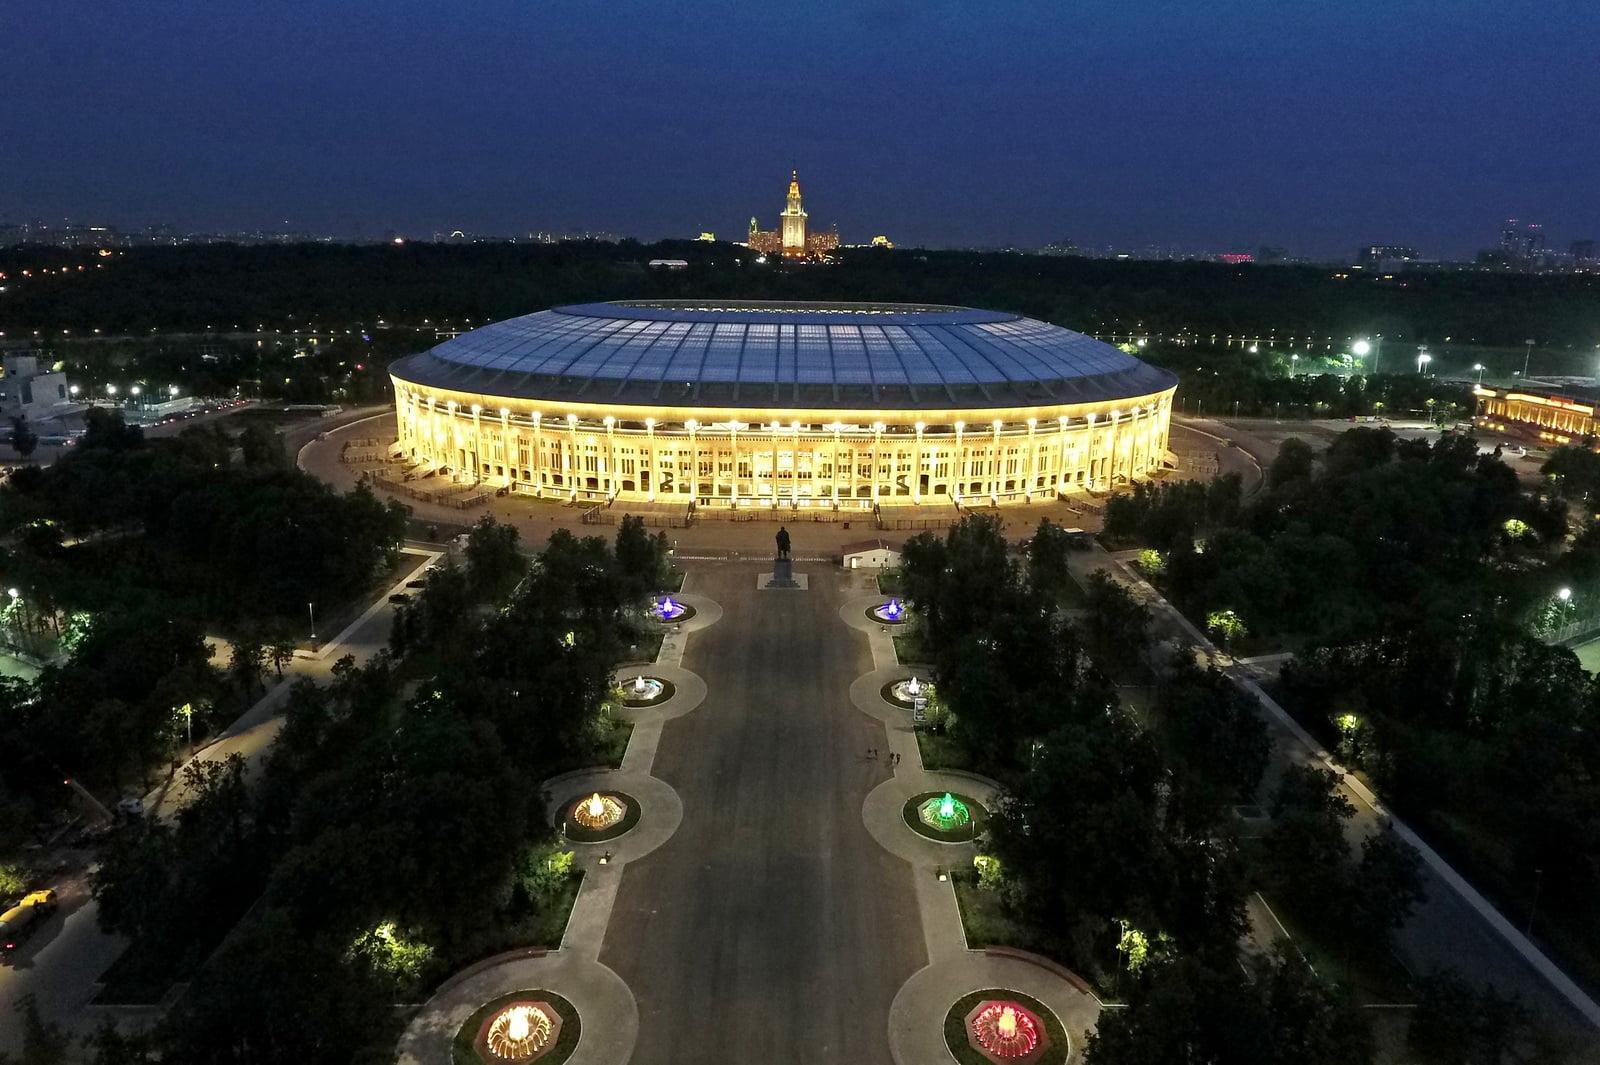 Luzhniki_Stadium1 Tout savoir sur la Coupe du monde de Football 2018 en Russie